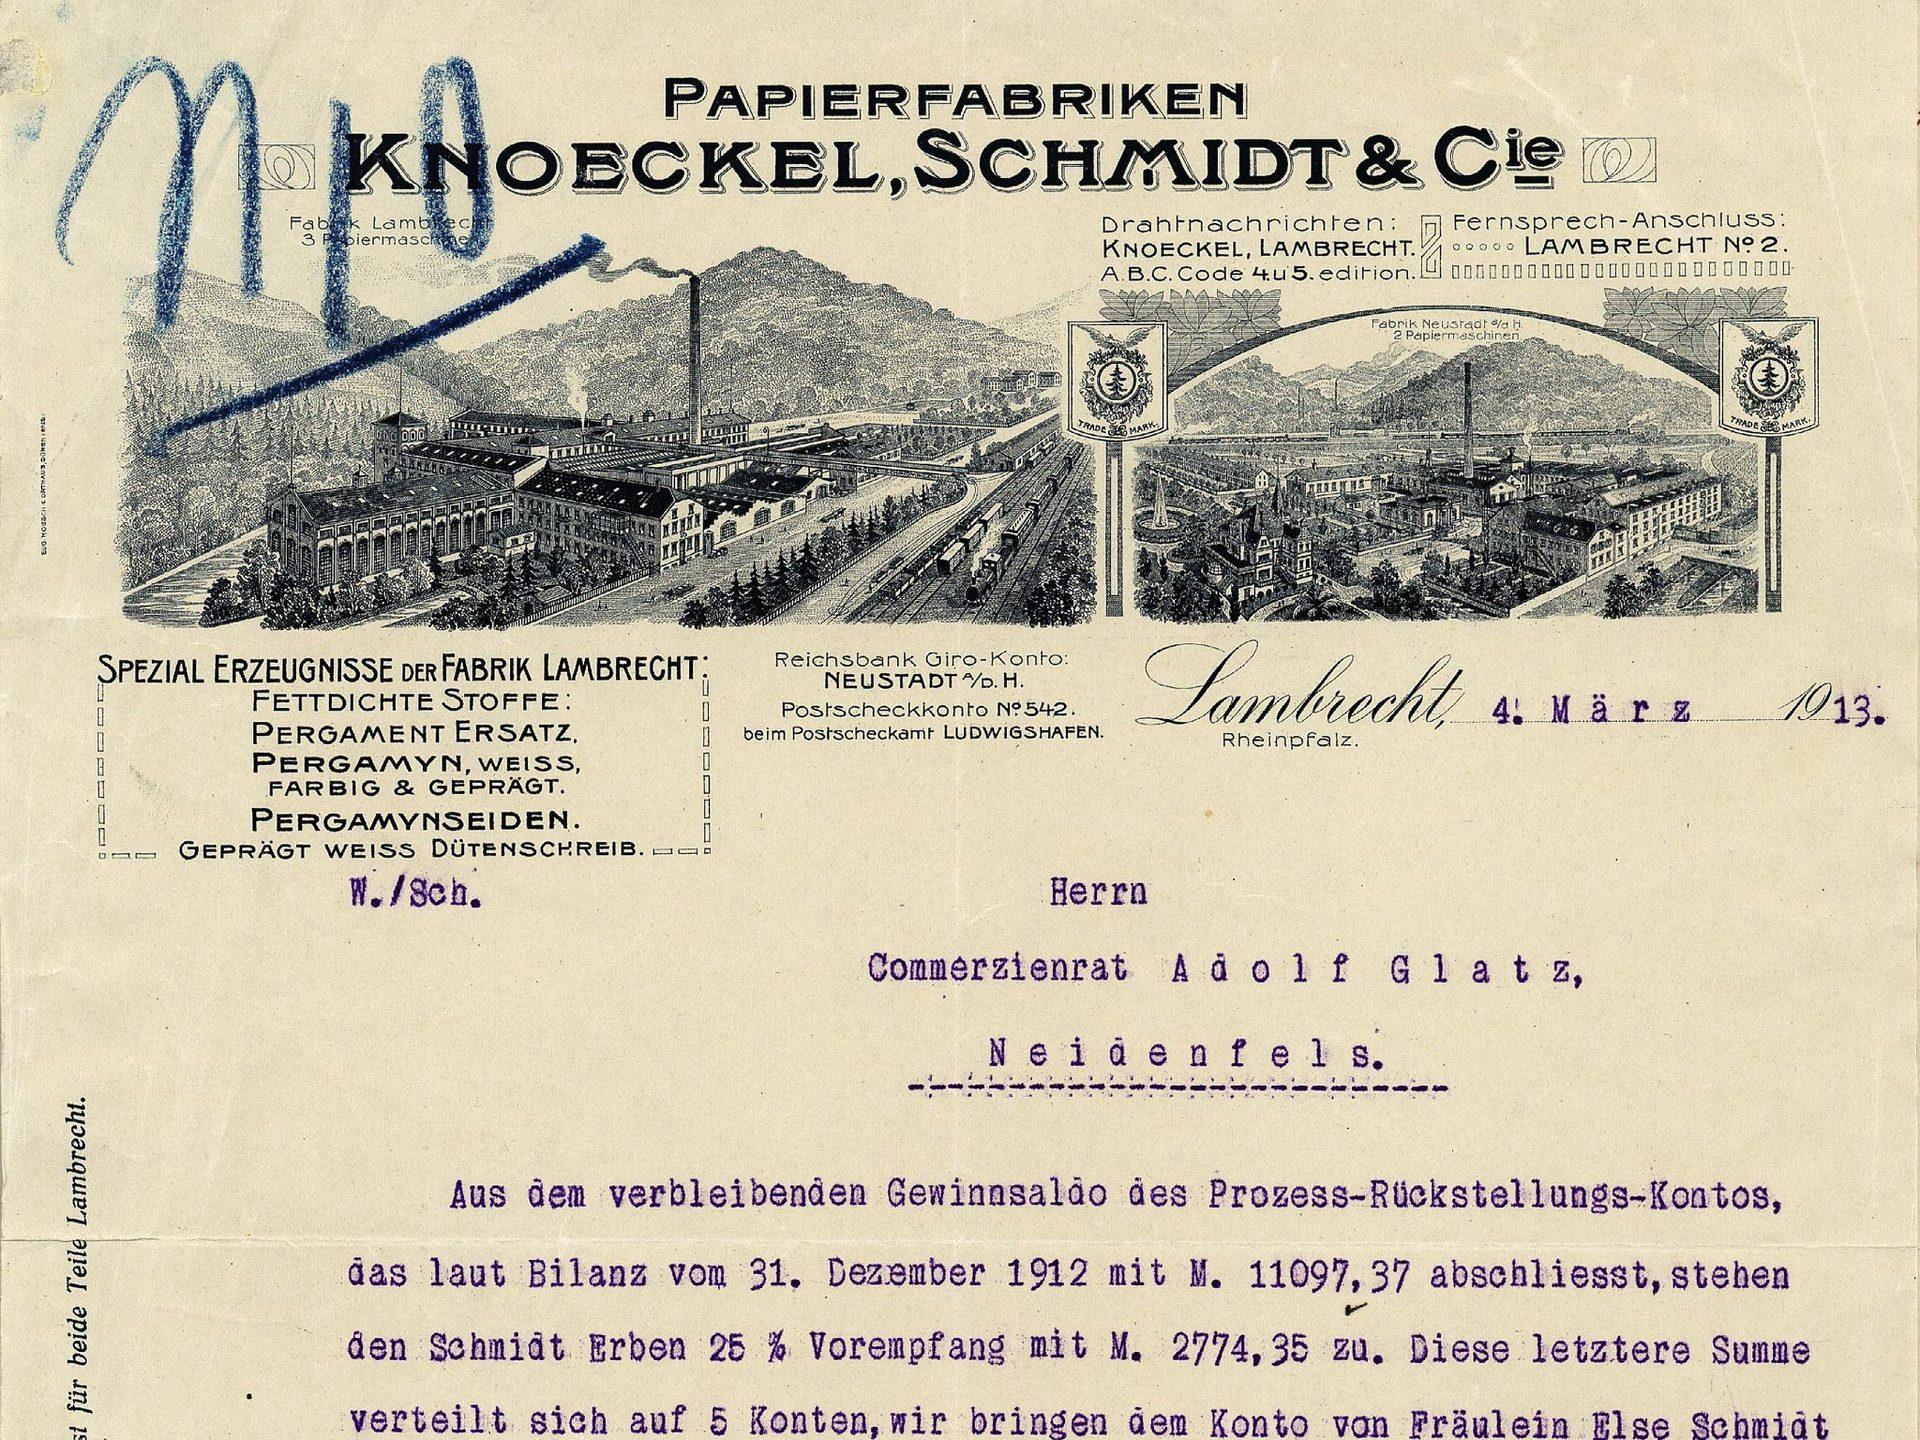 Briefkopf der Papierfabriken Knoeckel, Schmidt & Cie., Lambrecht (Rheinpfalz)